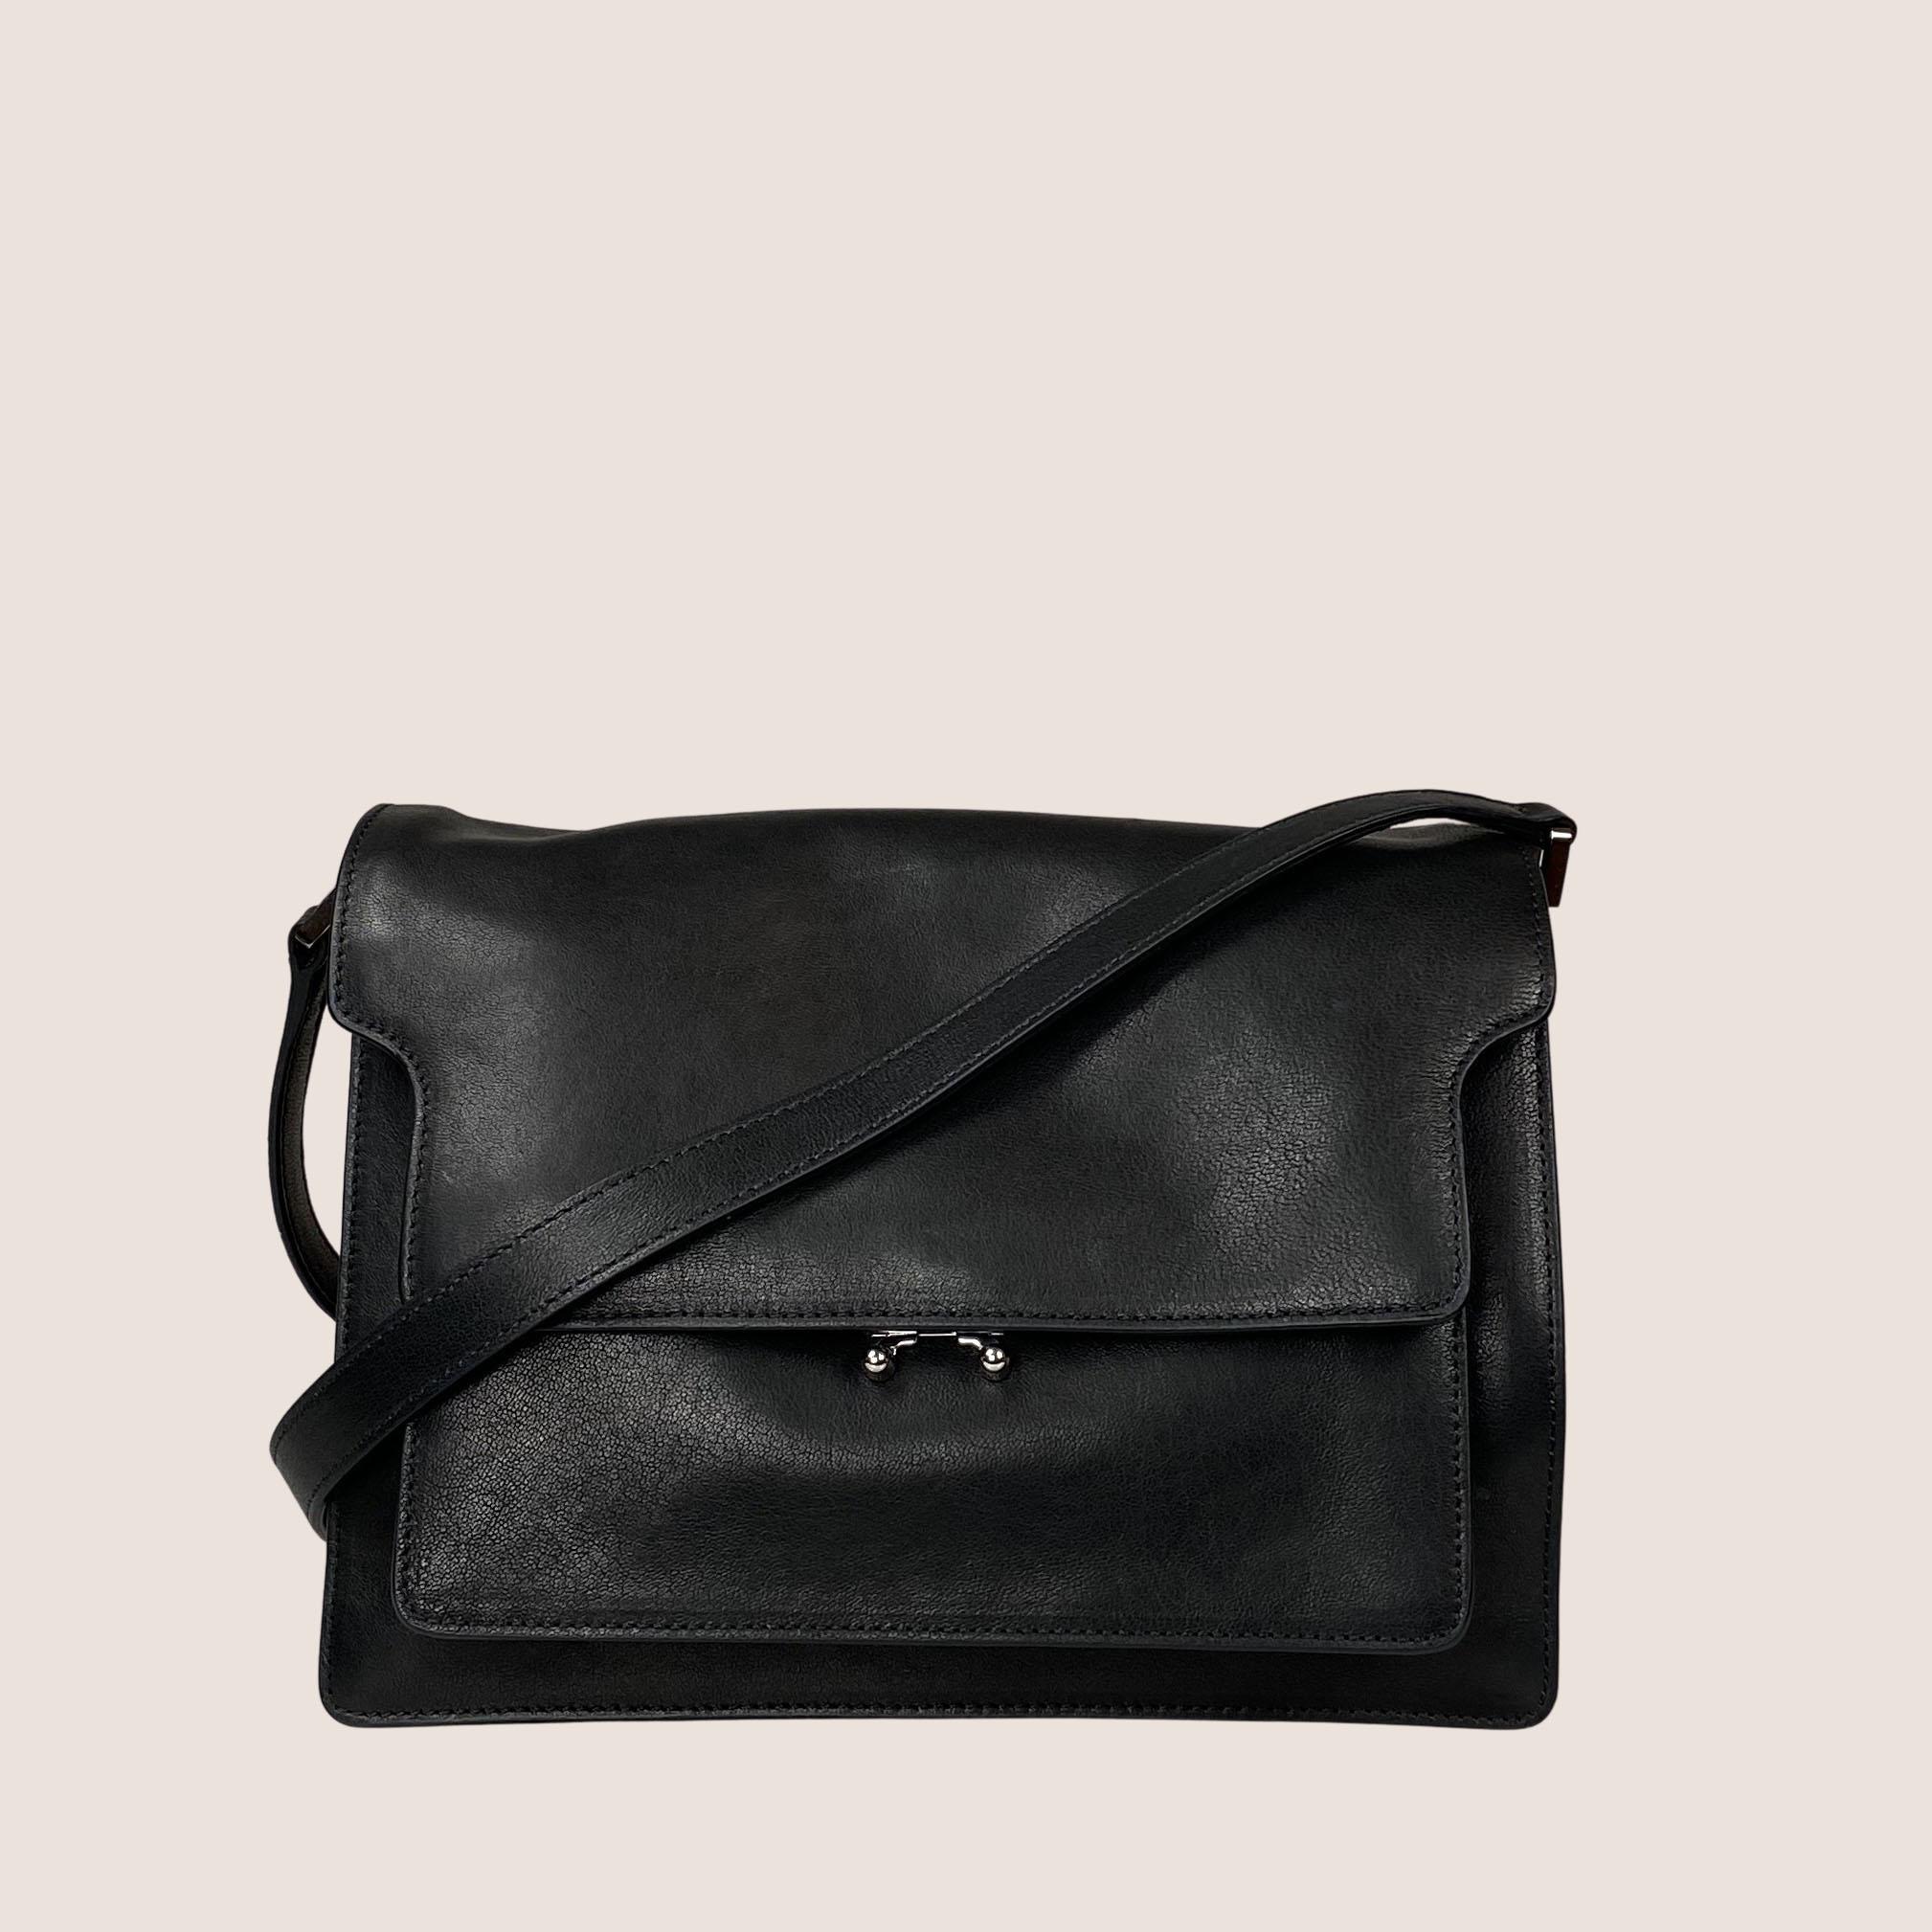 Trunk Bag Soft - Large